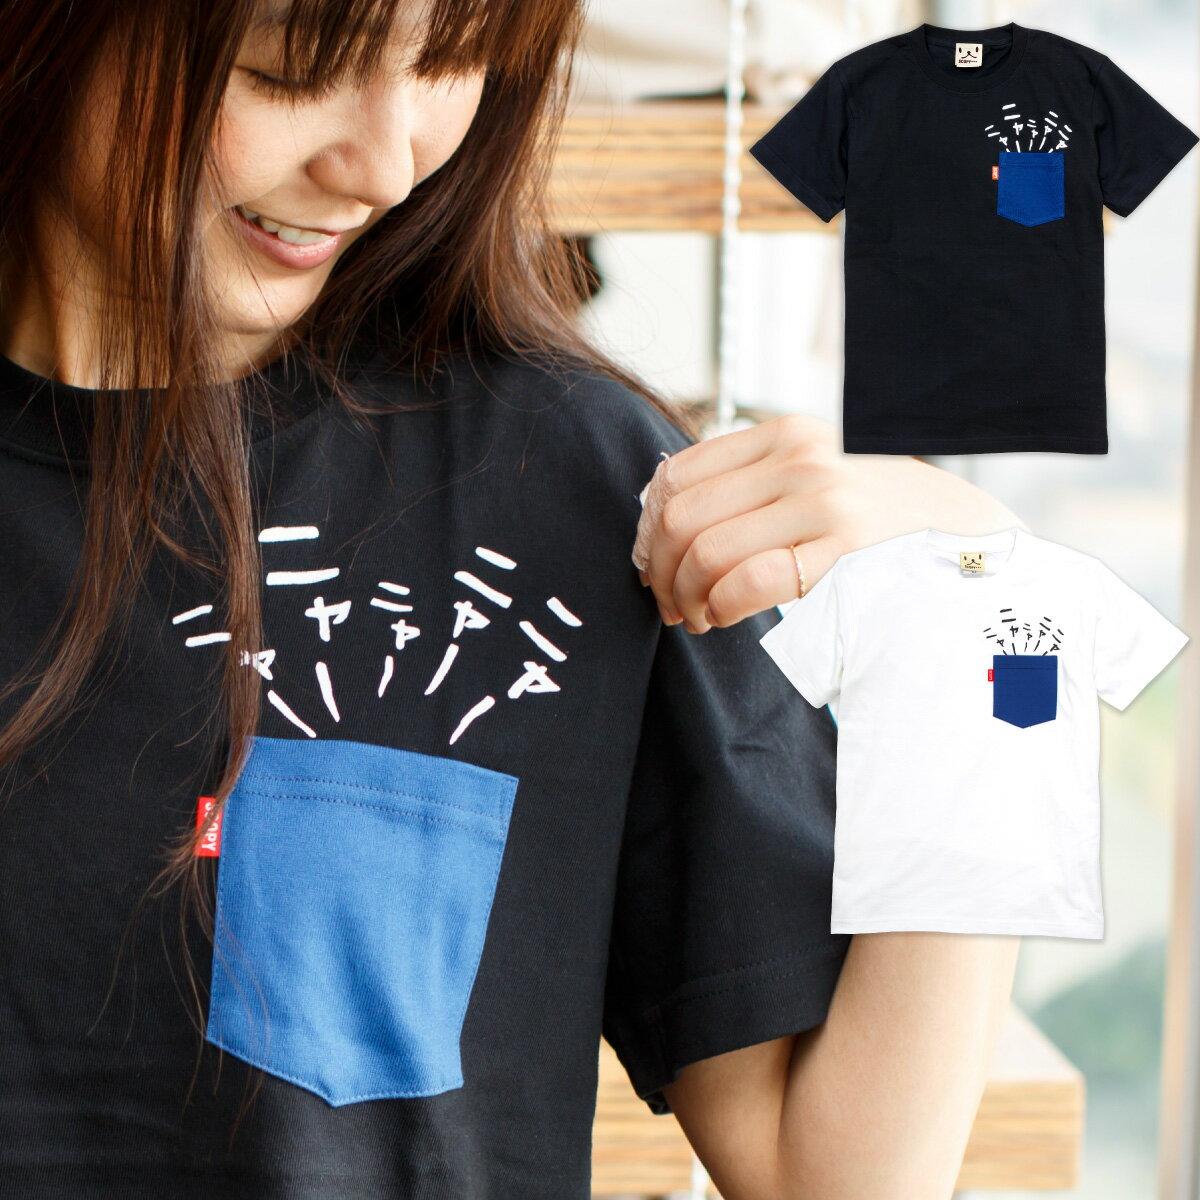 猫 ねこ Tシャツ 【 限定 】 隠れネコ ( ブラック )   ネコ 猫柄 猫雑貨   メンズ レディース 半袖 トップス   かわいい おしゃれ 大人 親子 ペアルック お揃い プレゼント   大きいサイズ   SCOPY / スコーピー